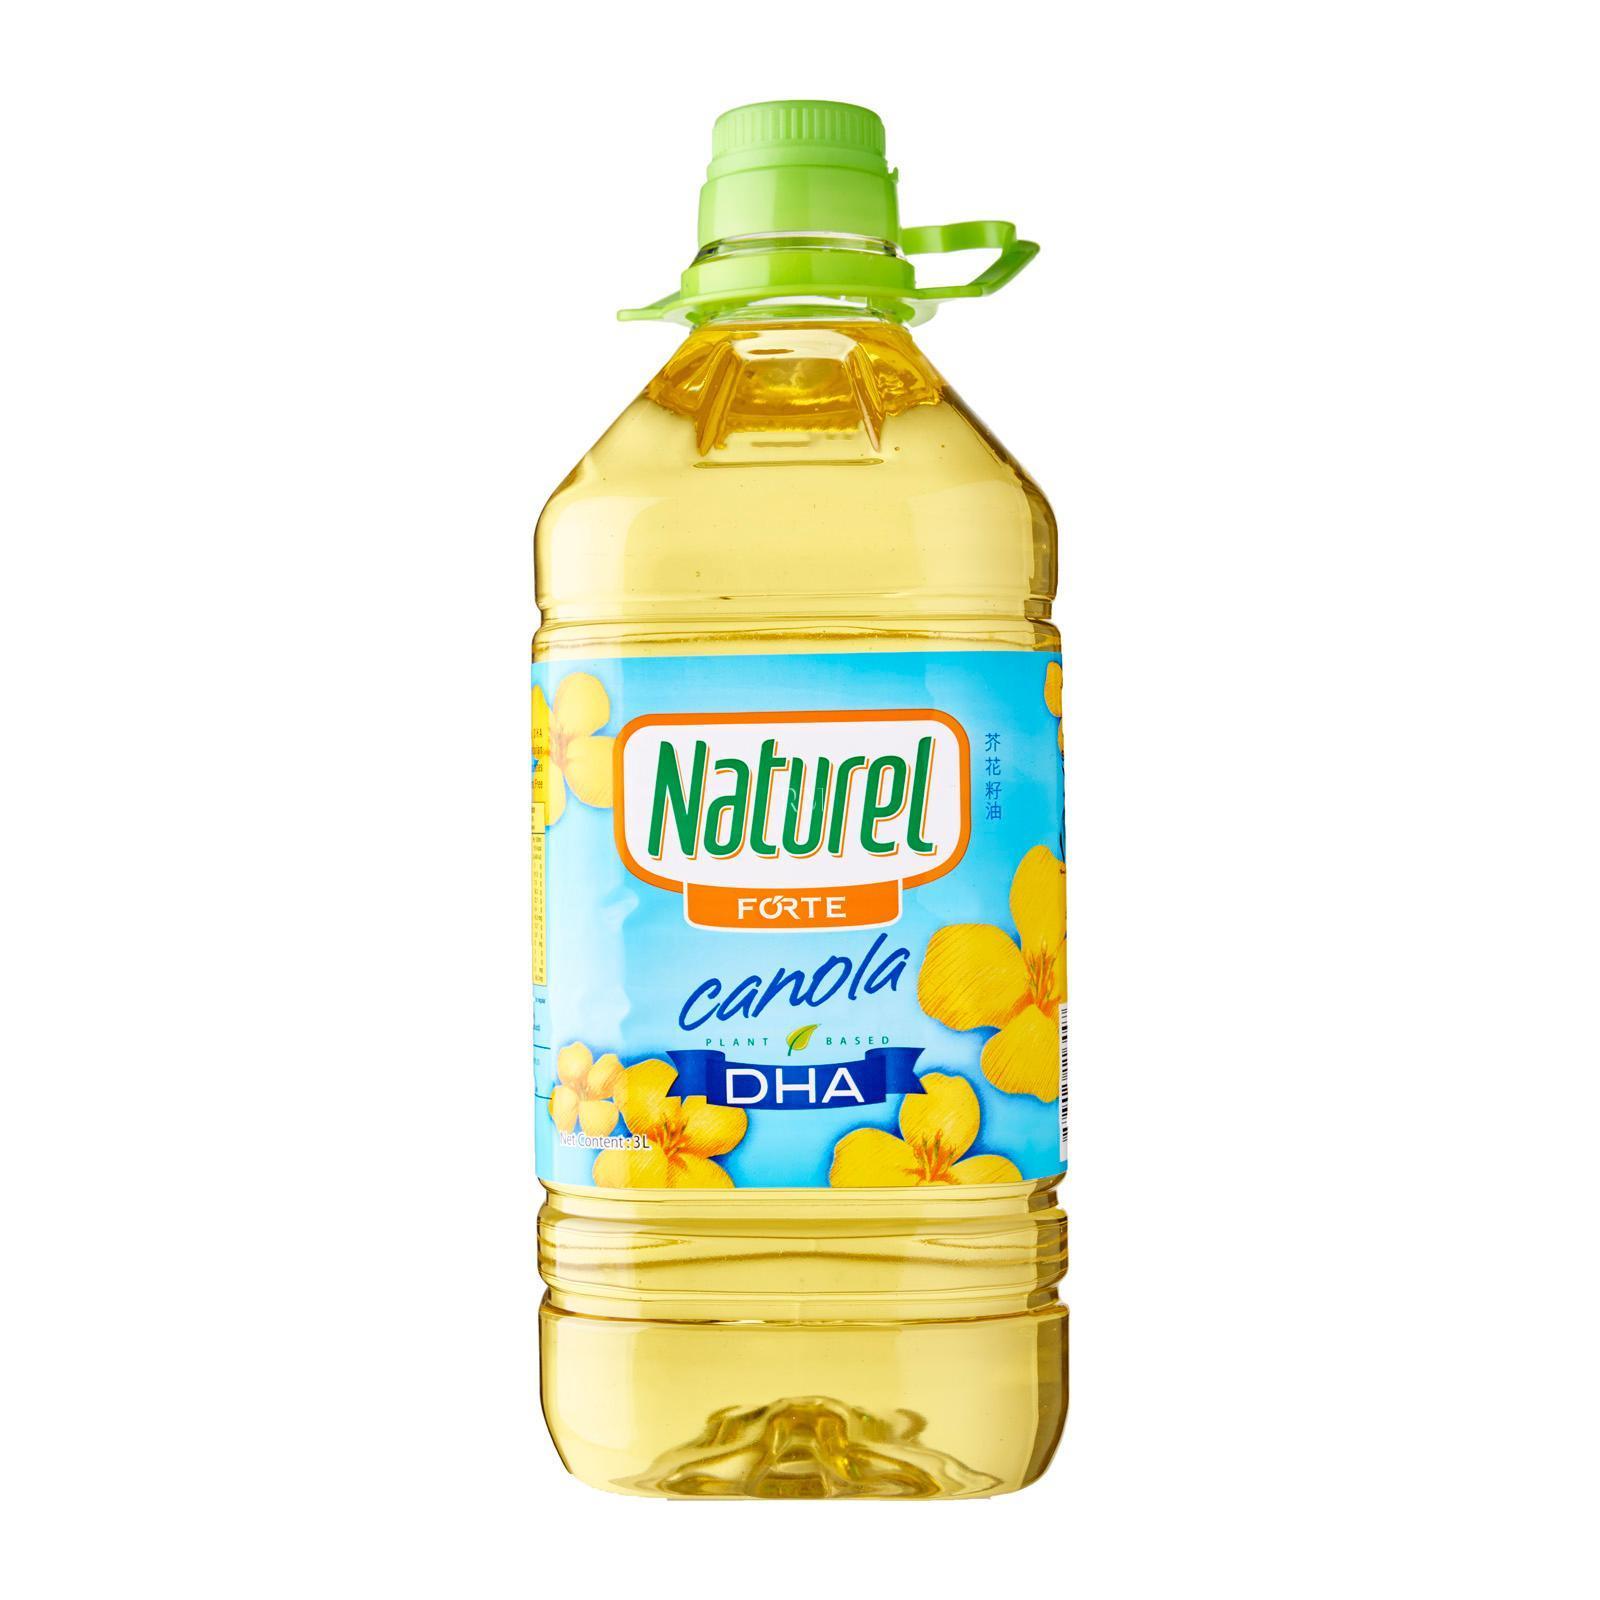 Naturel Dha Canola 3 Liter Oil By Redmart.